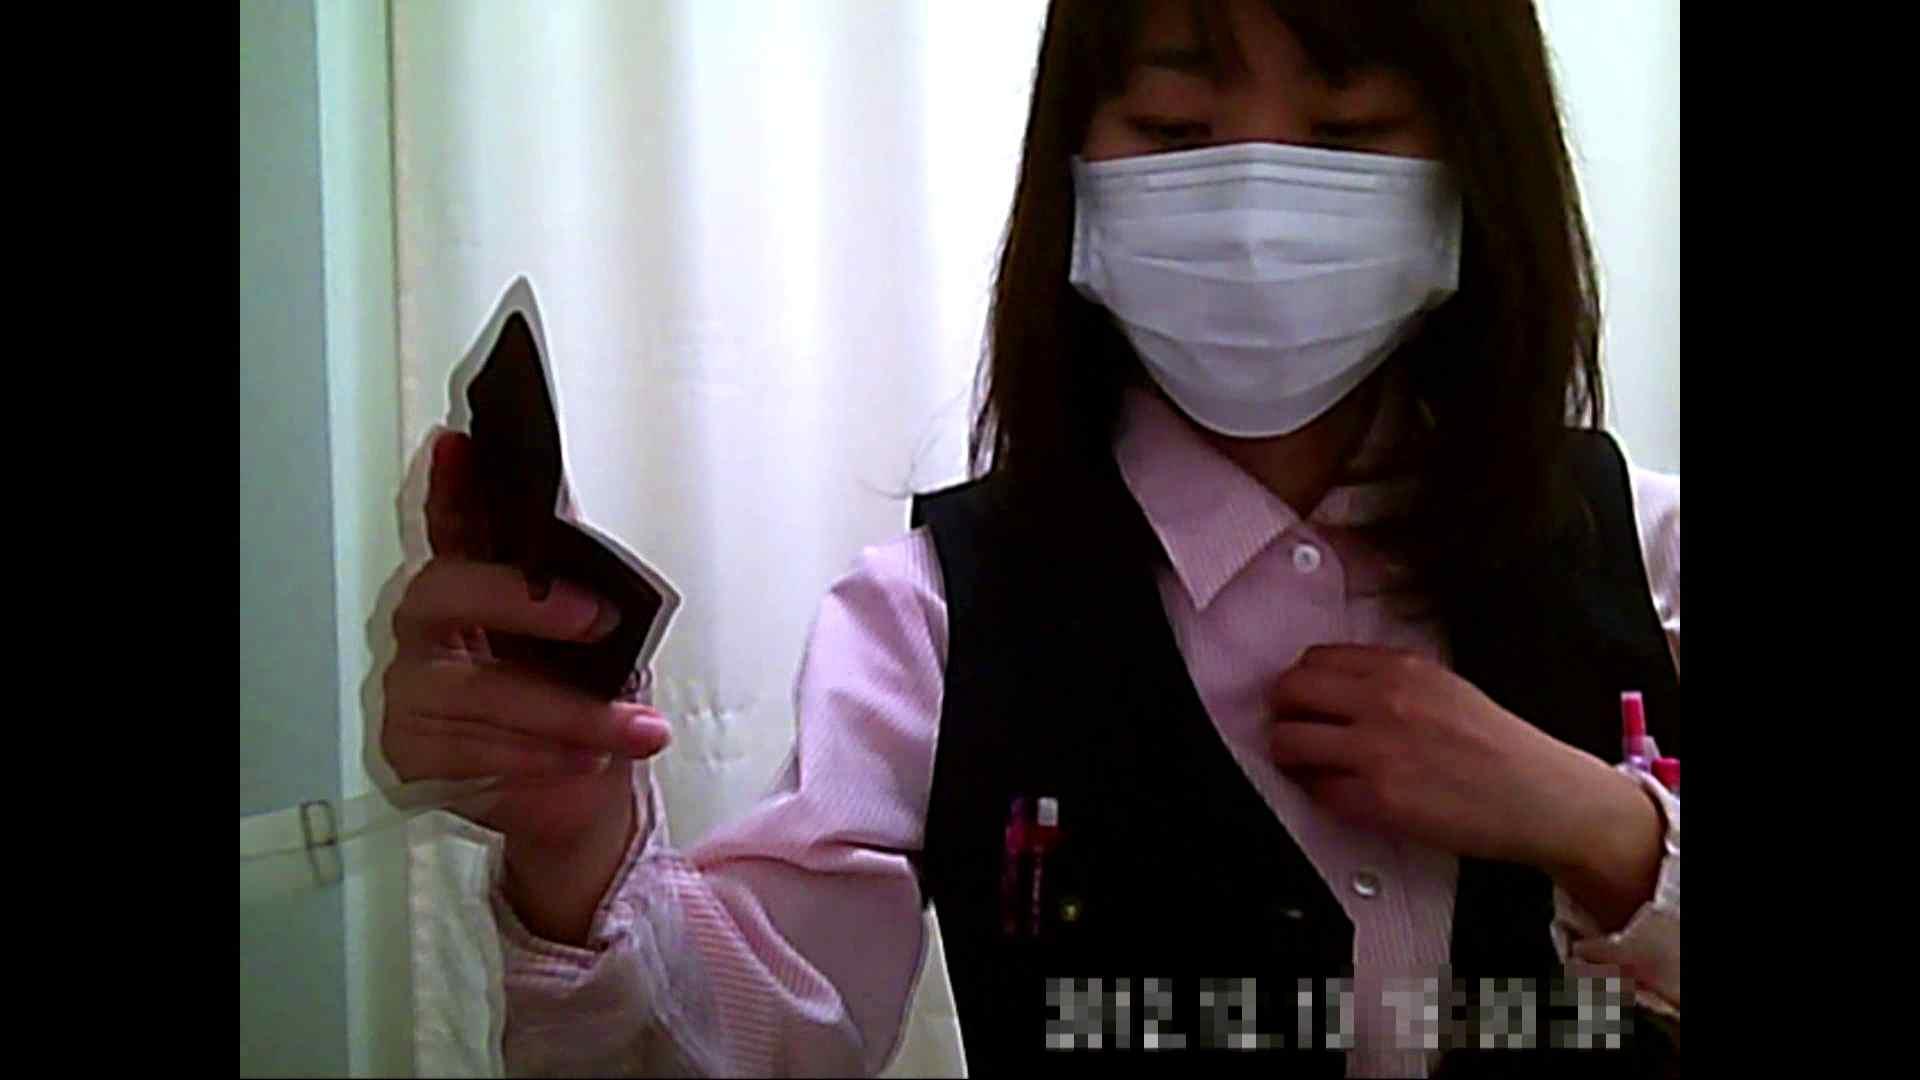 無修正エロ動画|元医者による反抗 更衣室地獄絵巻 vol.119|怪盗ジョーカー